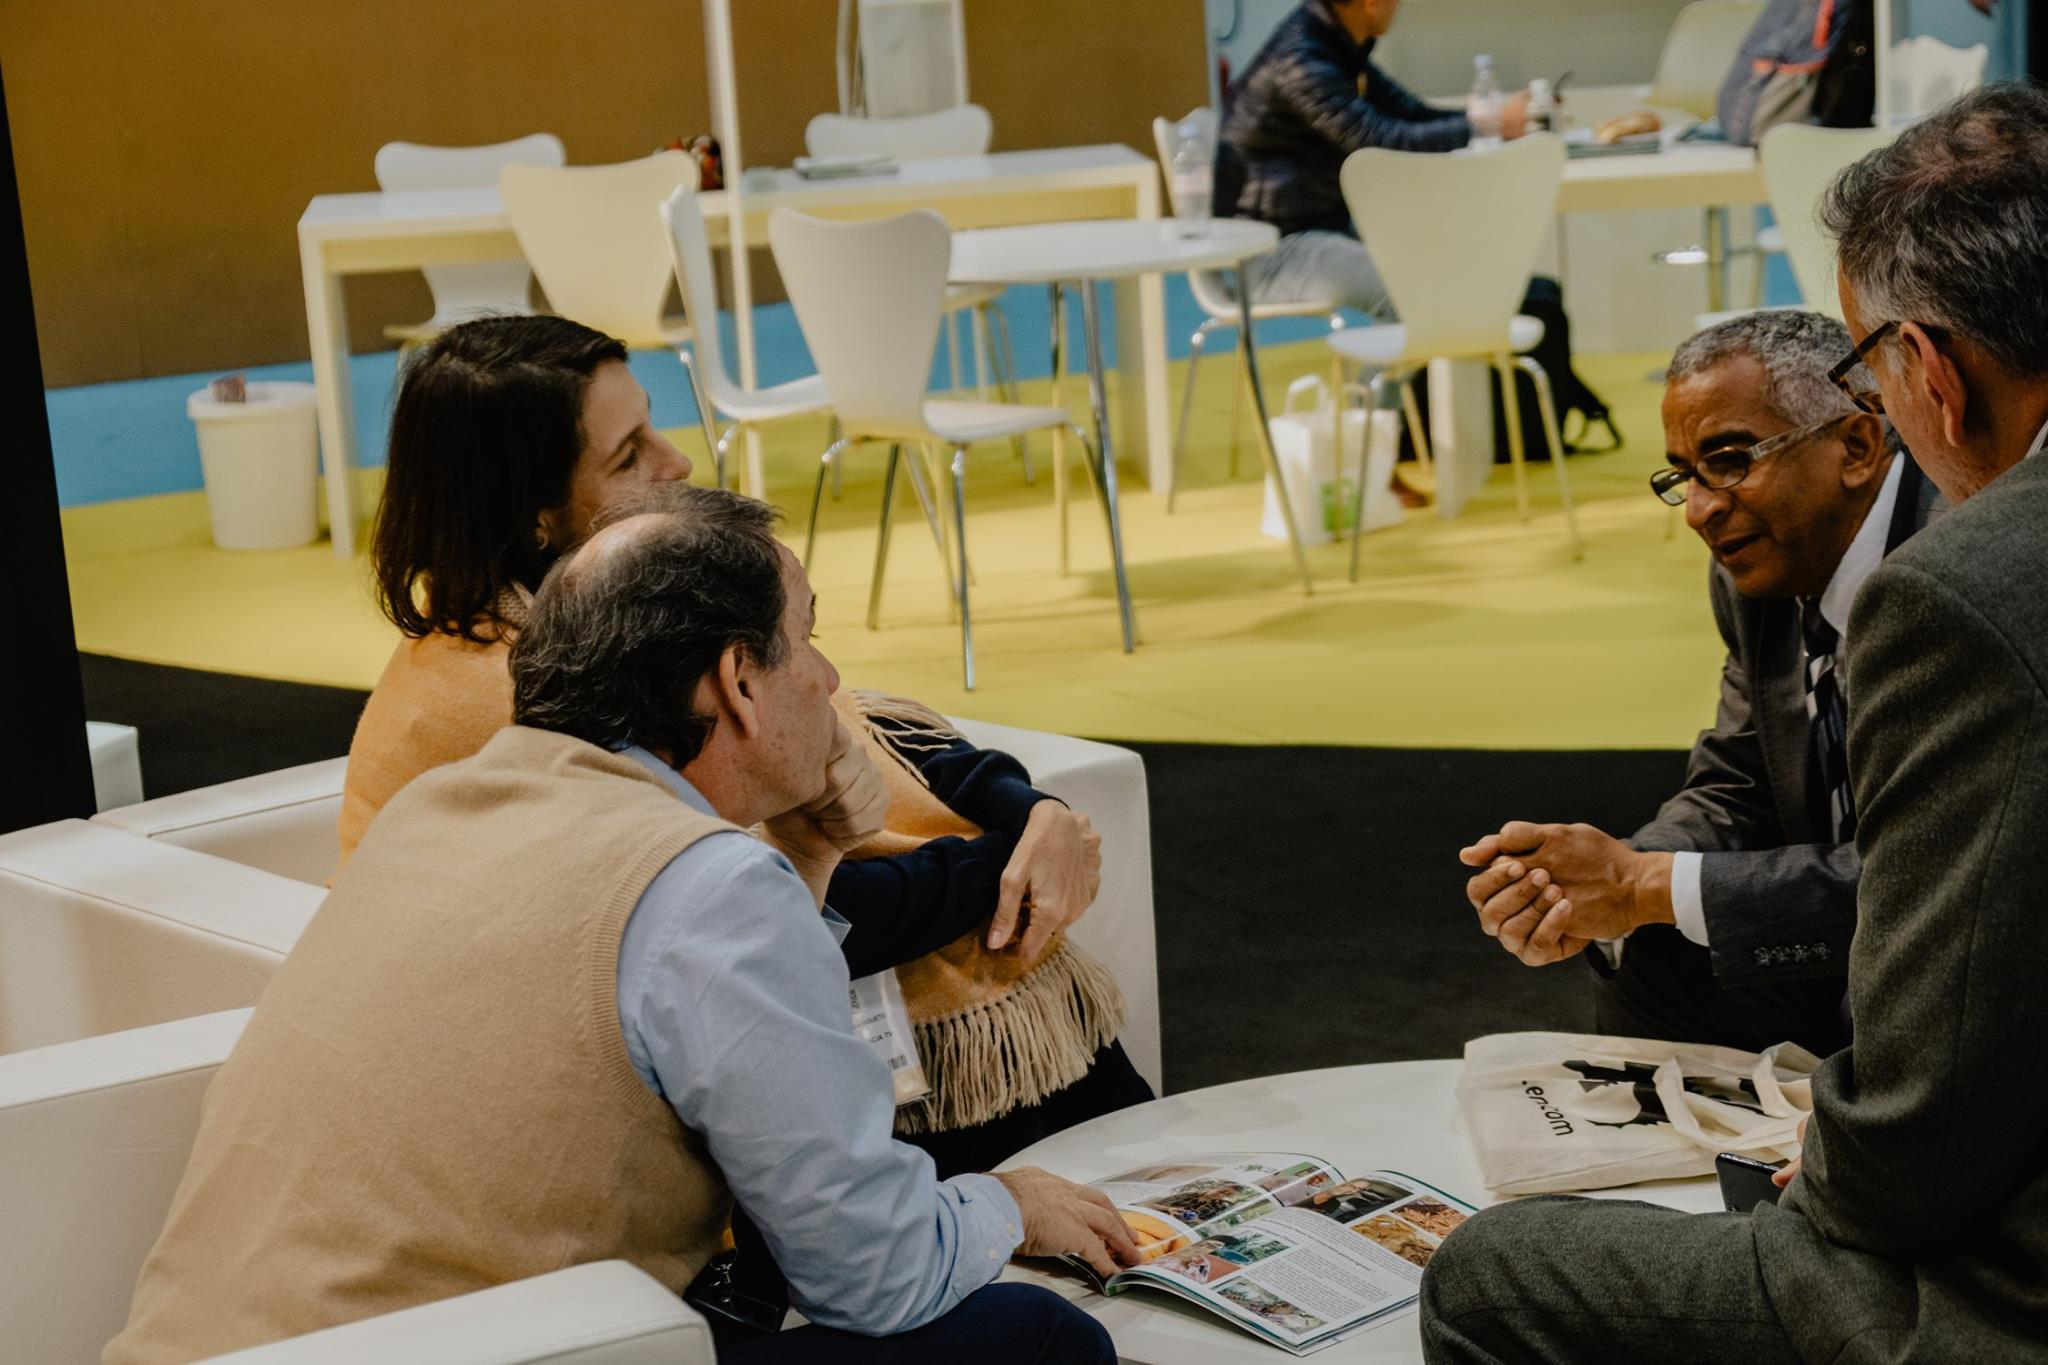 프랑스 리옹 환경 산업 박람회(Pollutec)에서는 4가지 주제로 비즈니스 매칭 프로그램을 운영하고 있습니다.